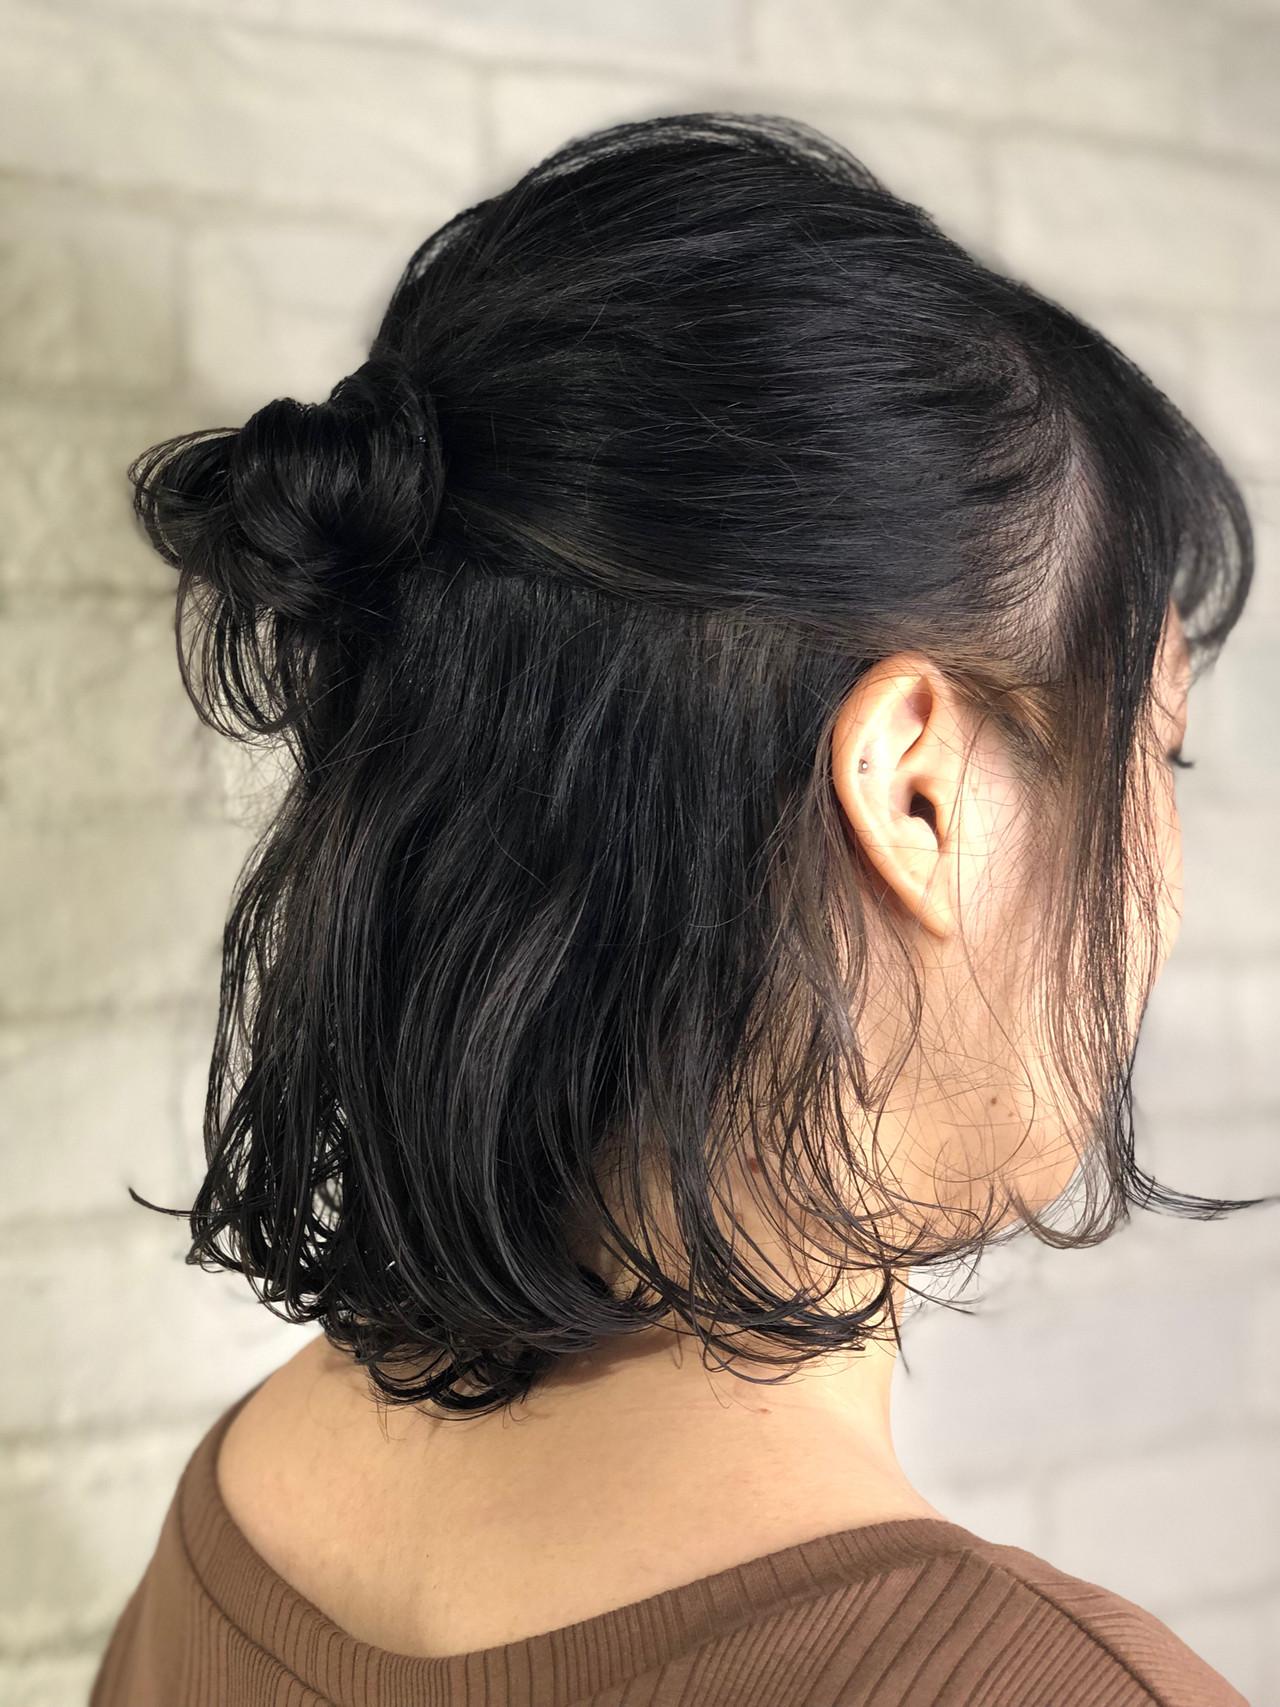 ヘアアレンジ ボブ ナチュラル グレージュ ヘアスタイルや髪型の写真・画像 | 廣瀬 晴菜 ZENKO chere店 / ZENKO 吉祥寺シェール店